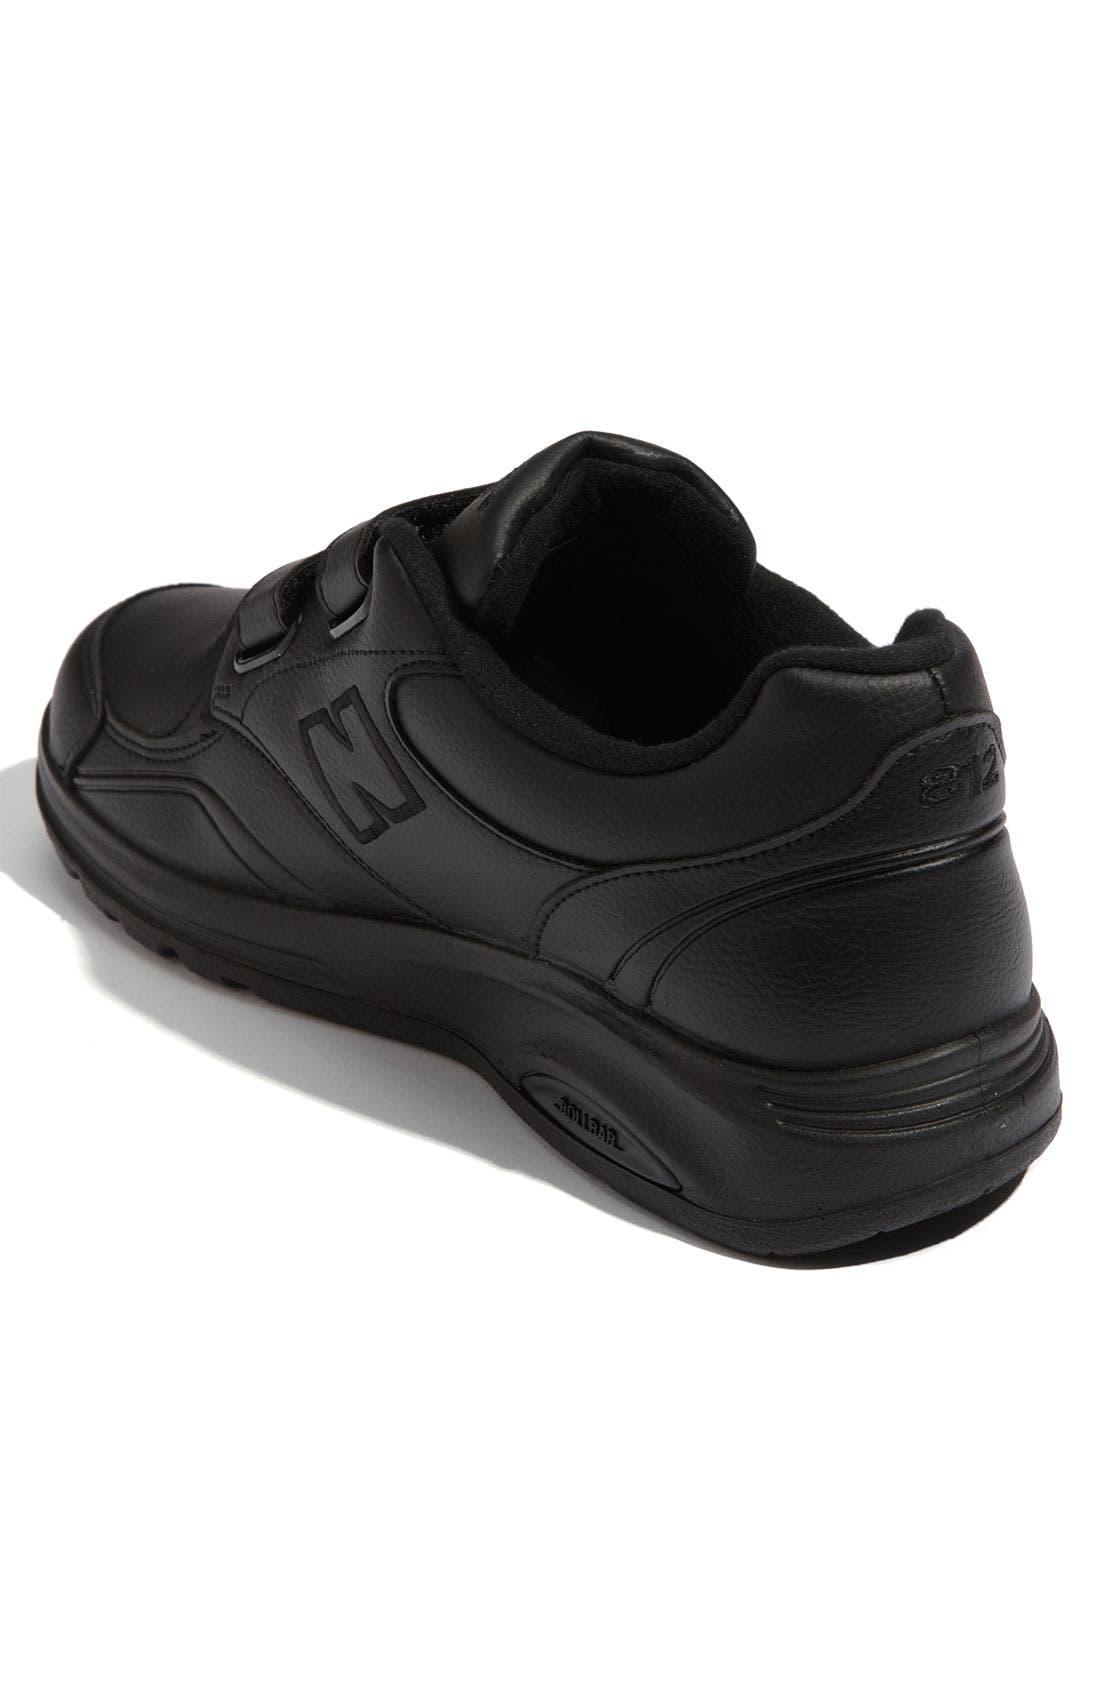 Alternate Image 2  - New Balance '812' Walking Shoe (Men)